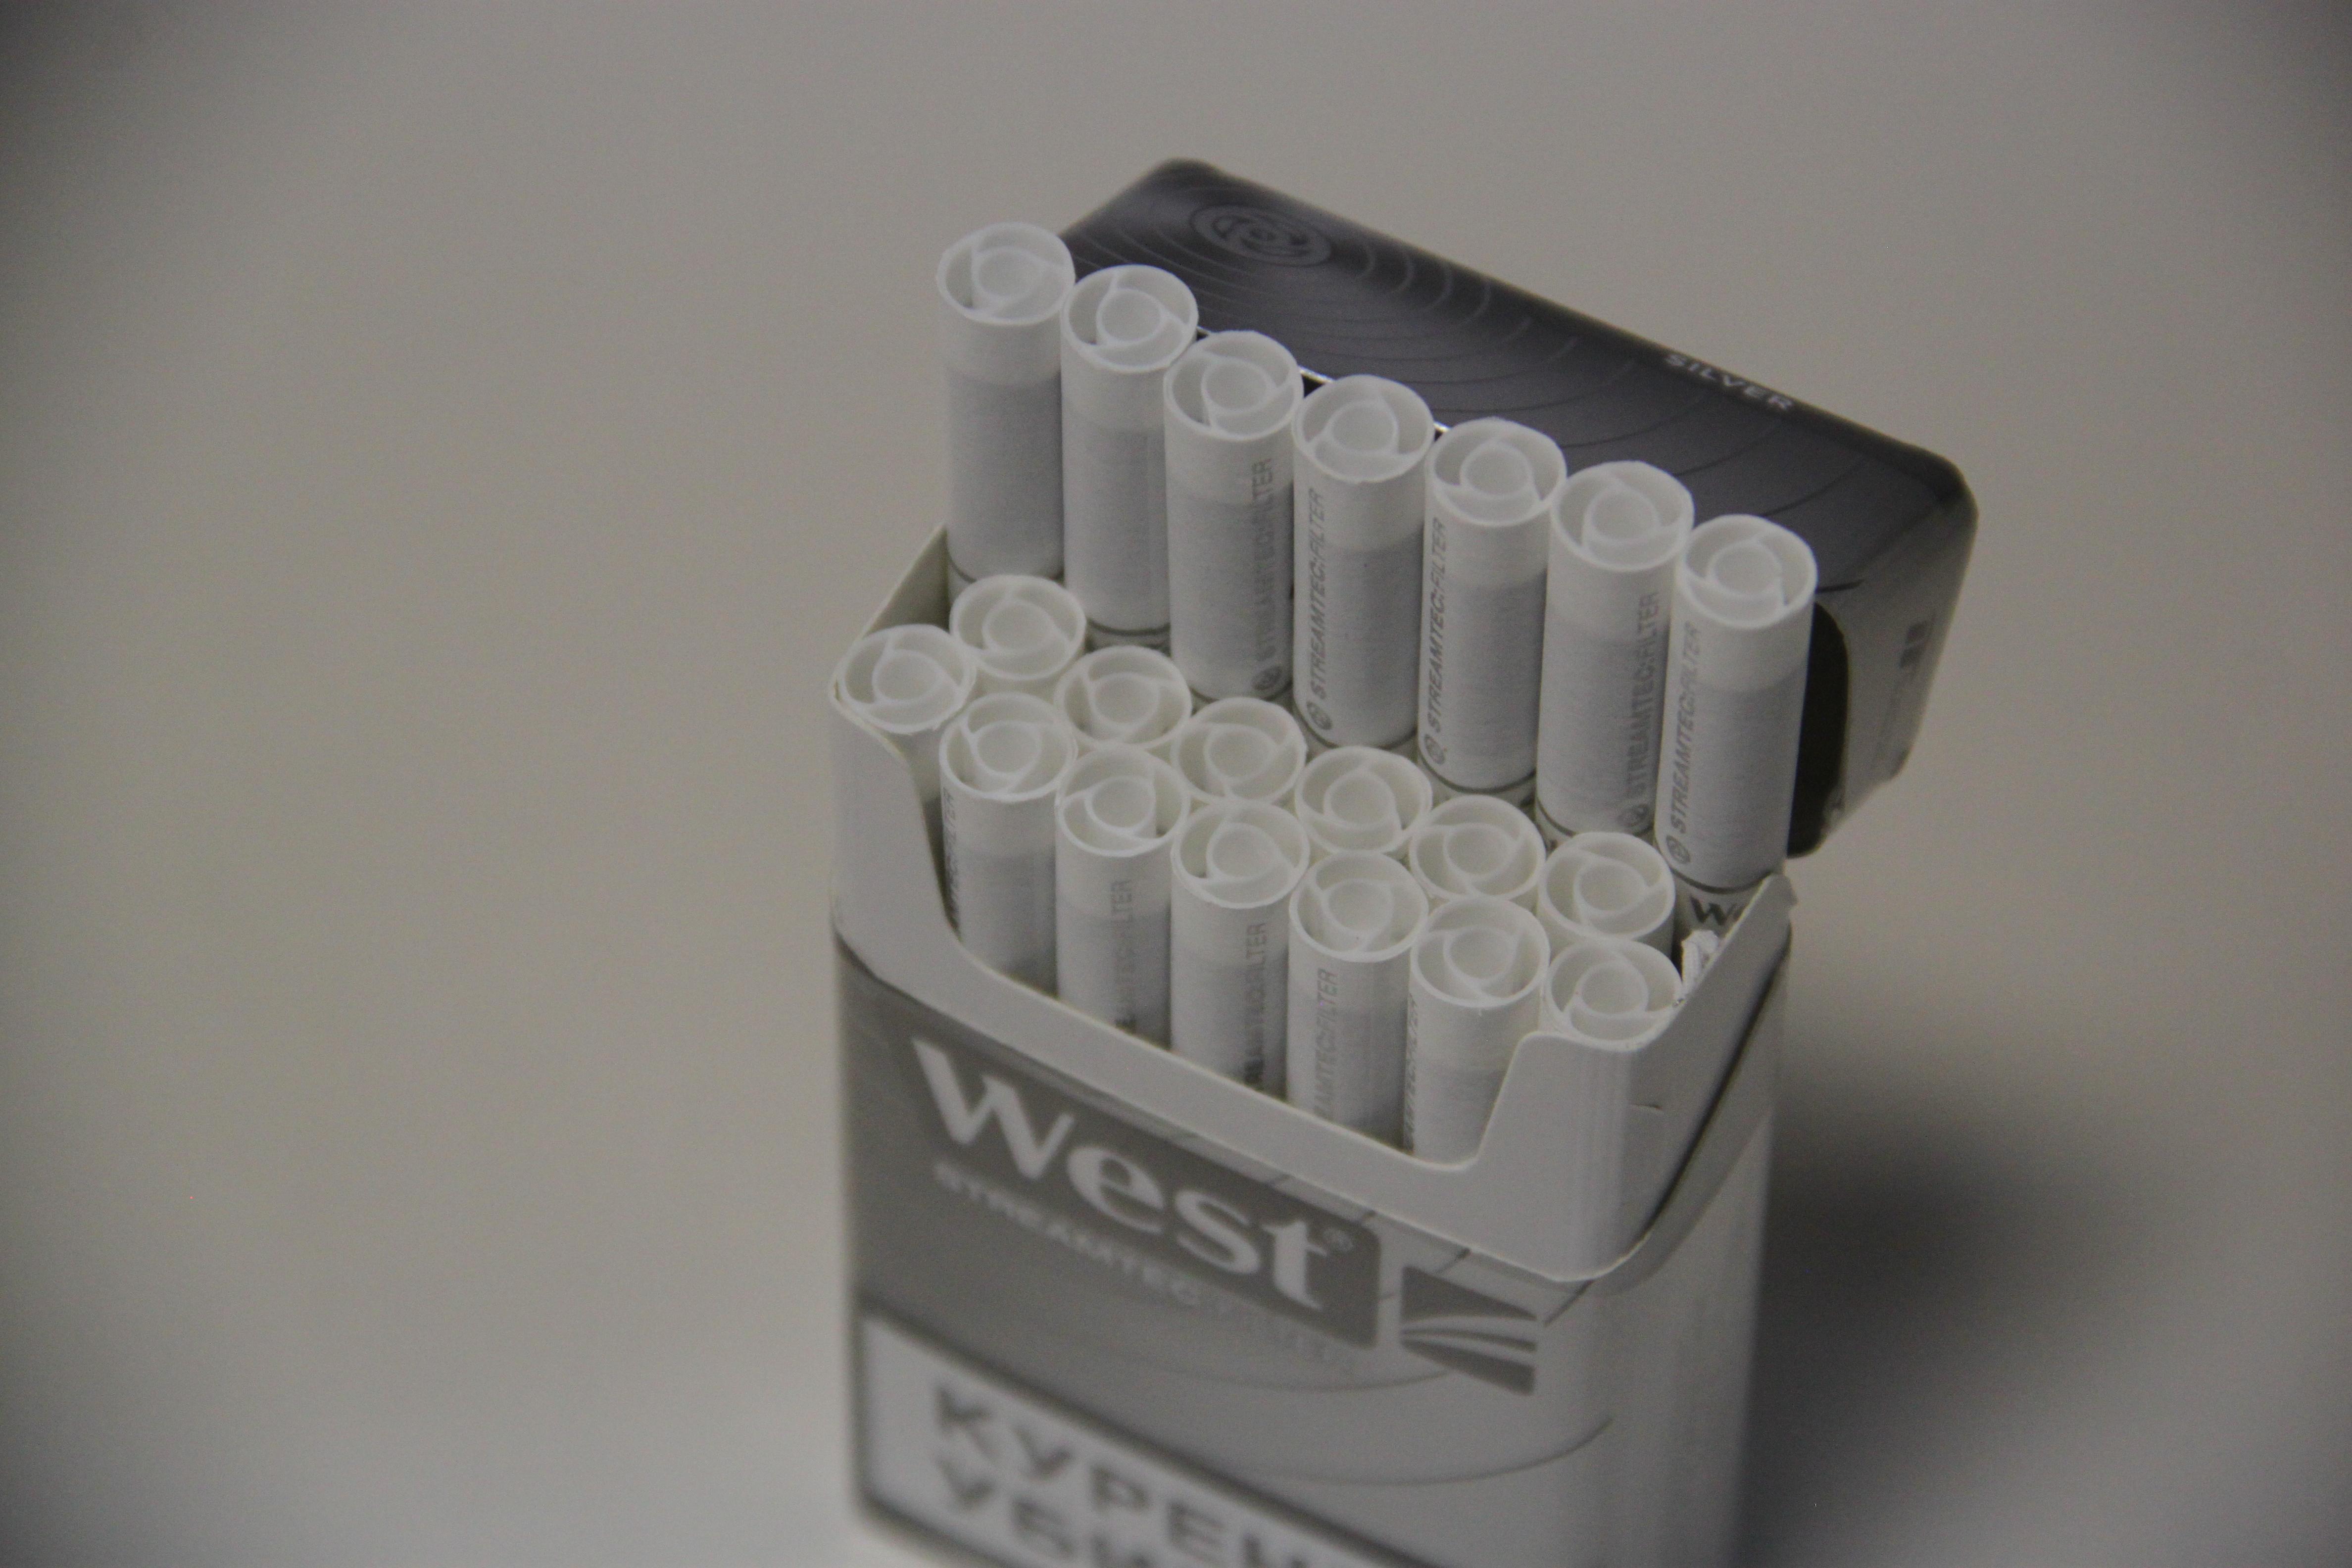 примером дырочки на фильтре сигарет удобный интерфейс соединяете